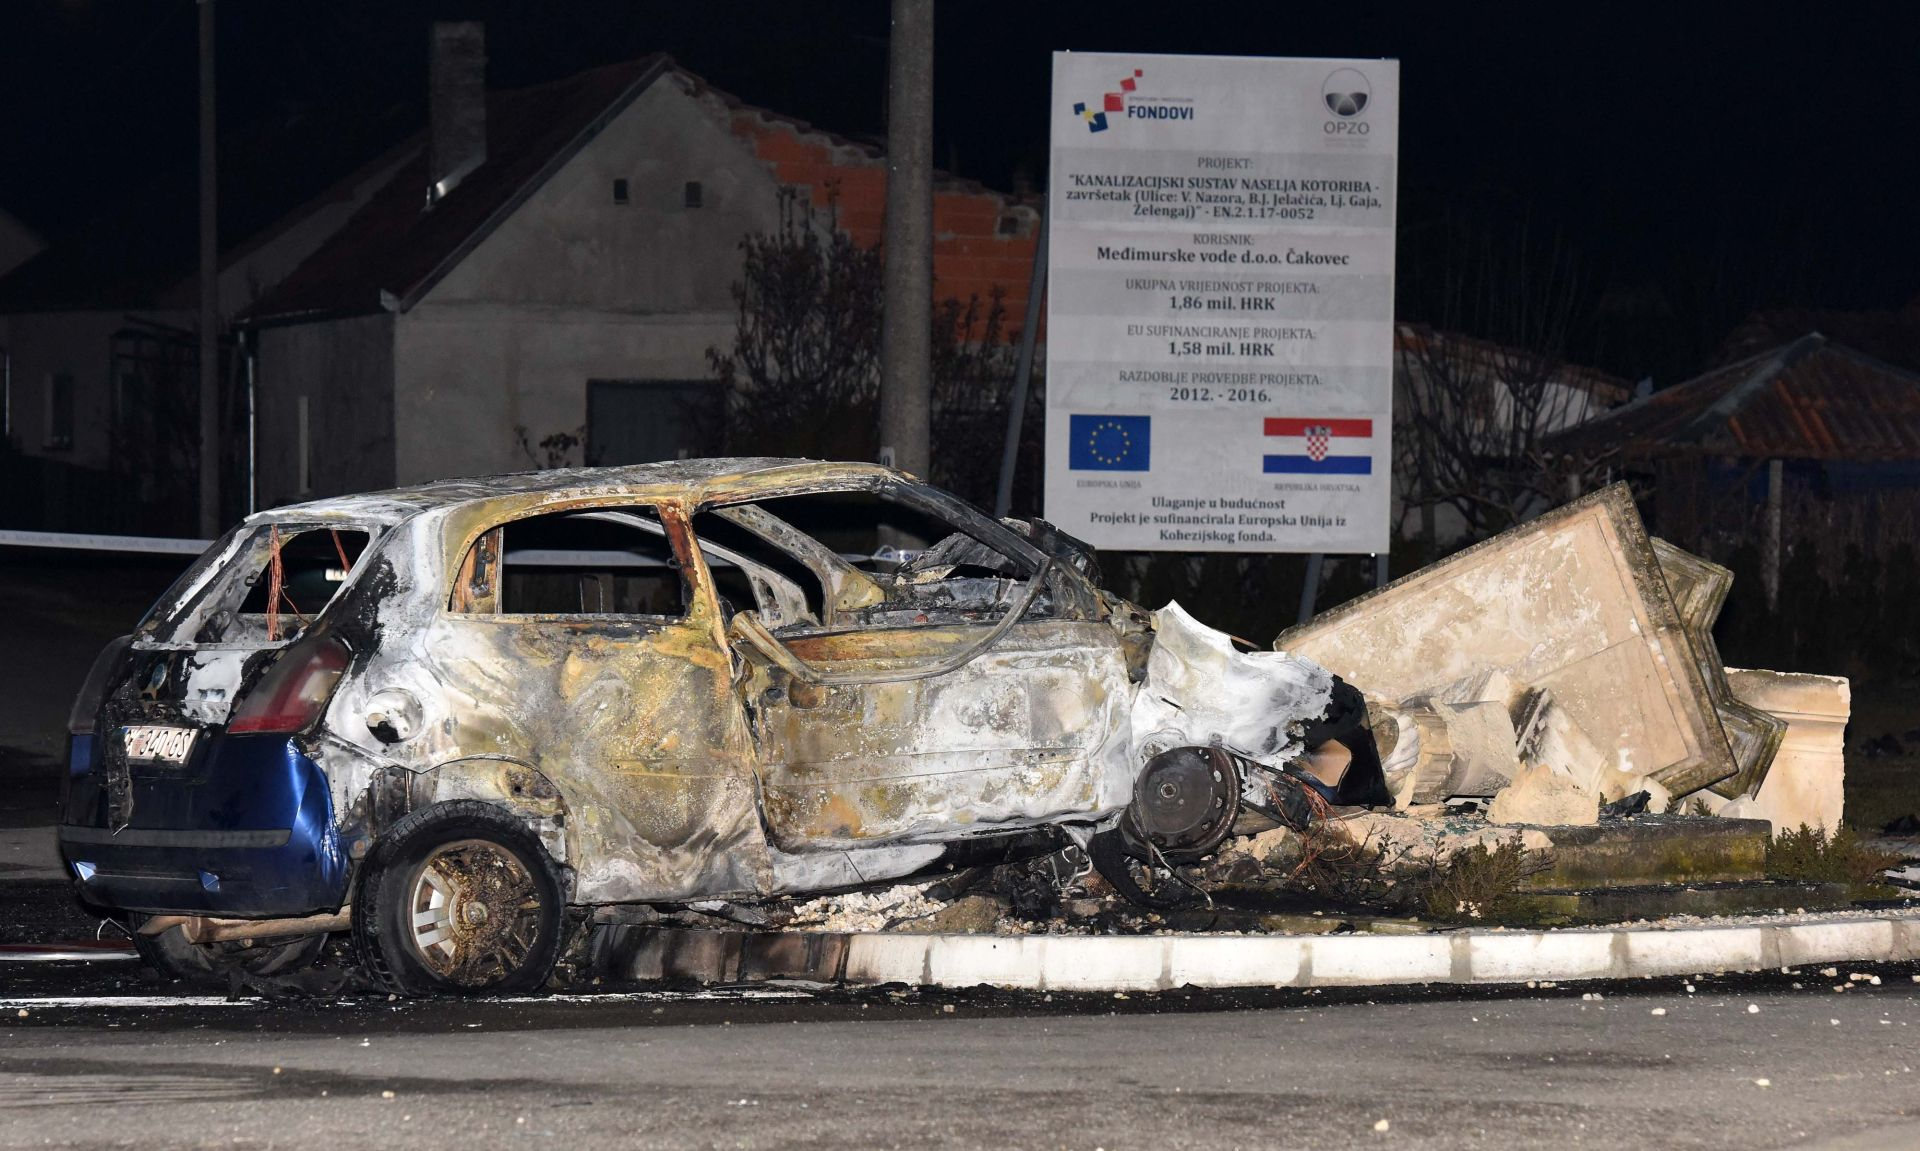 TRAGEDIJA U MEĐIMURJU: U prometnoj nesreći poginula 20-godišnjakinja, majka dvoje djece